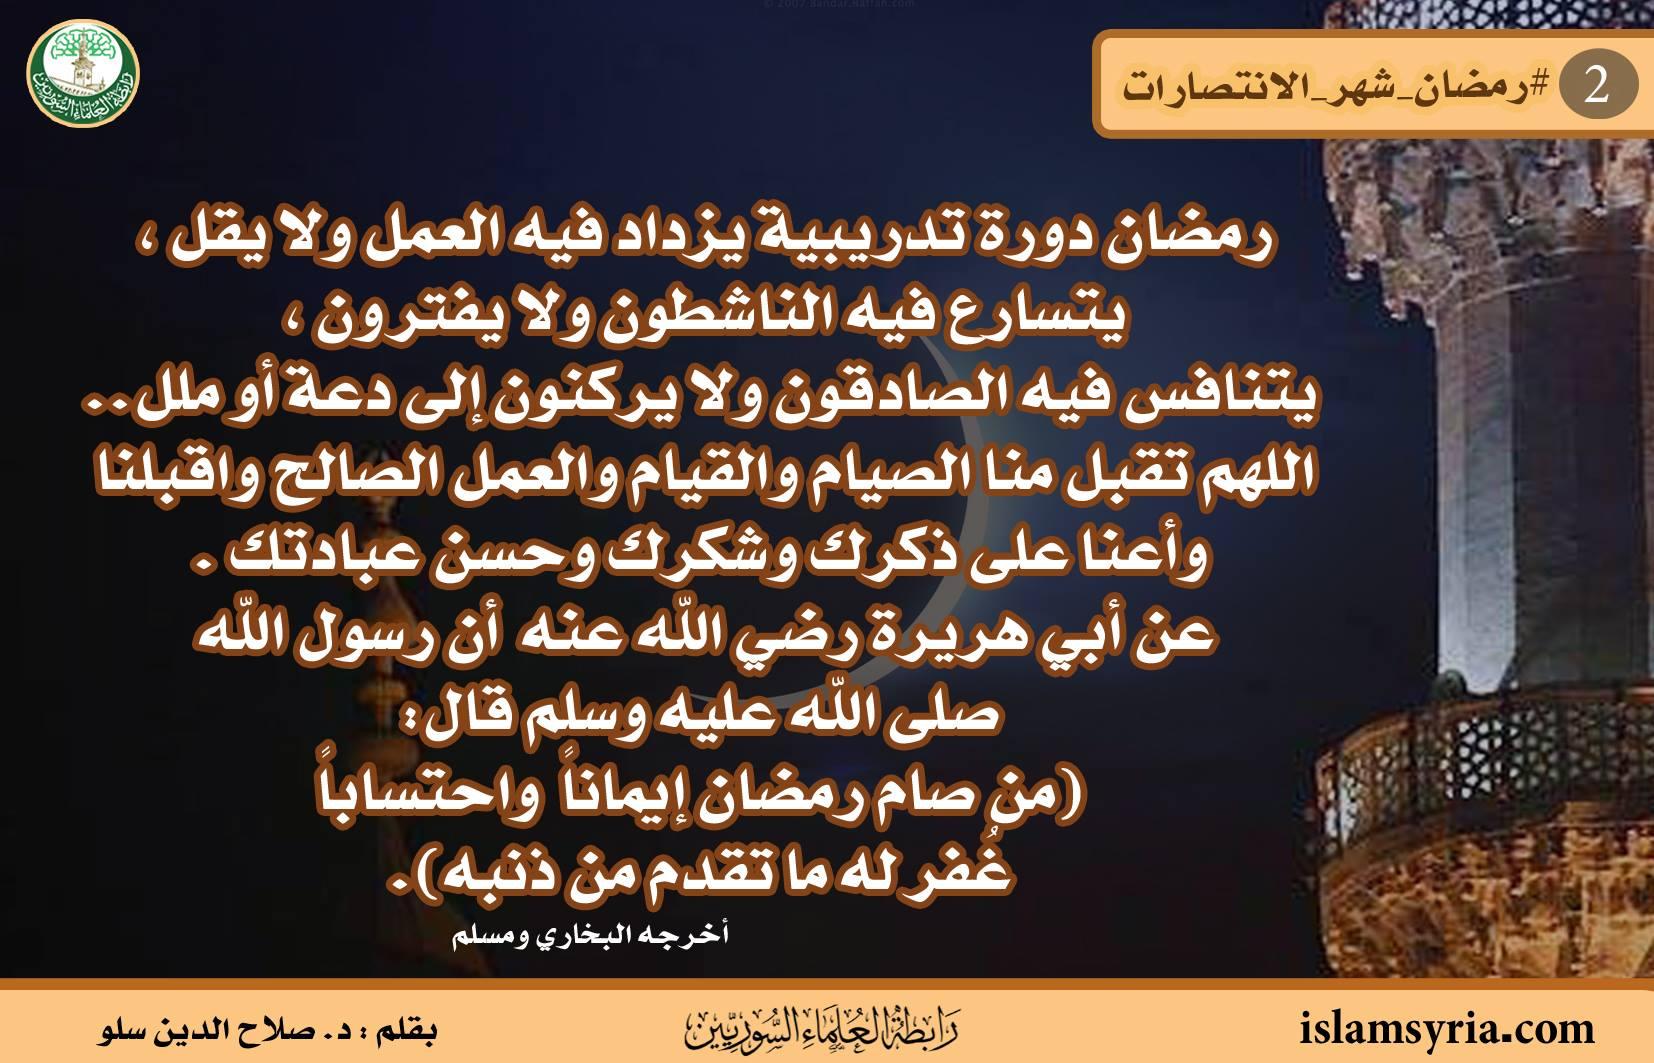 رمضان شهر الانتصارات د. صلاح الدين سلو